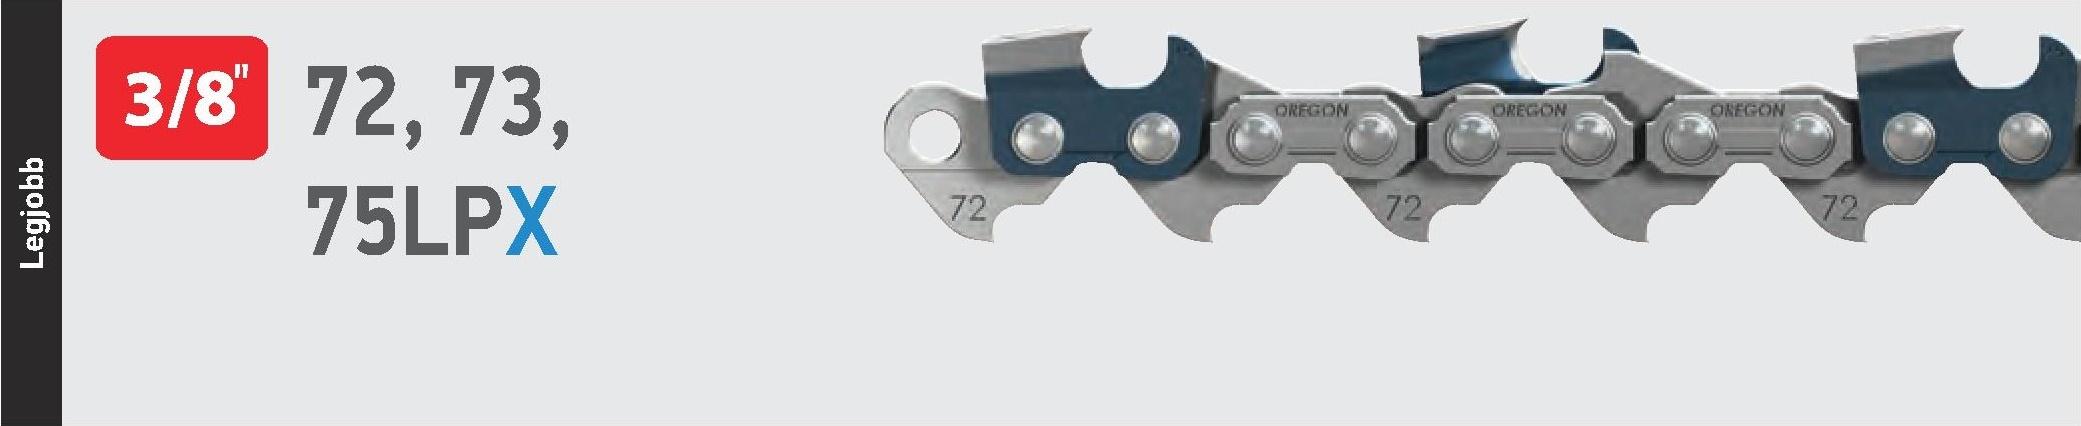 Oregon® PowerCut™ láncfűrész lánc - 73LPX056E